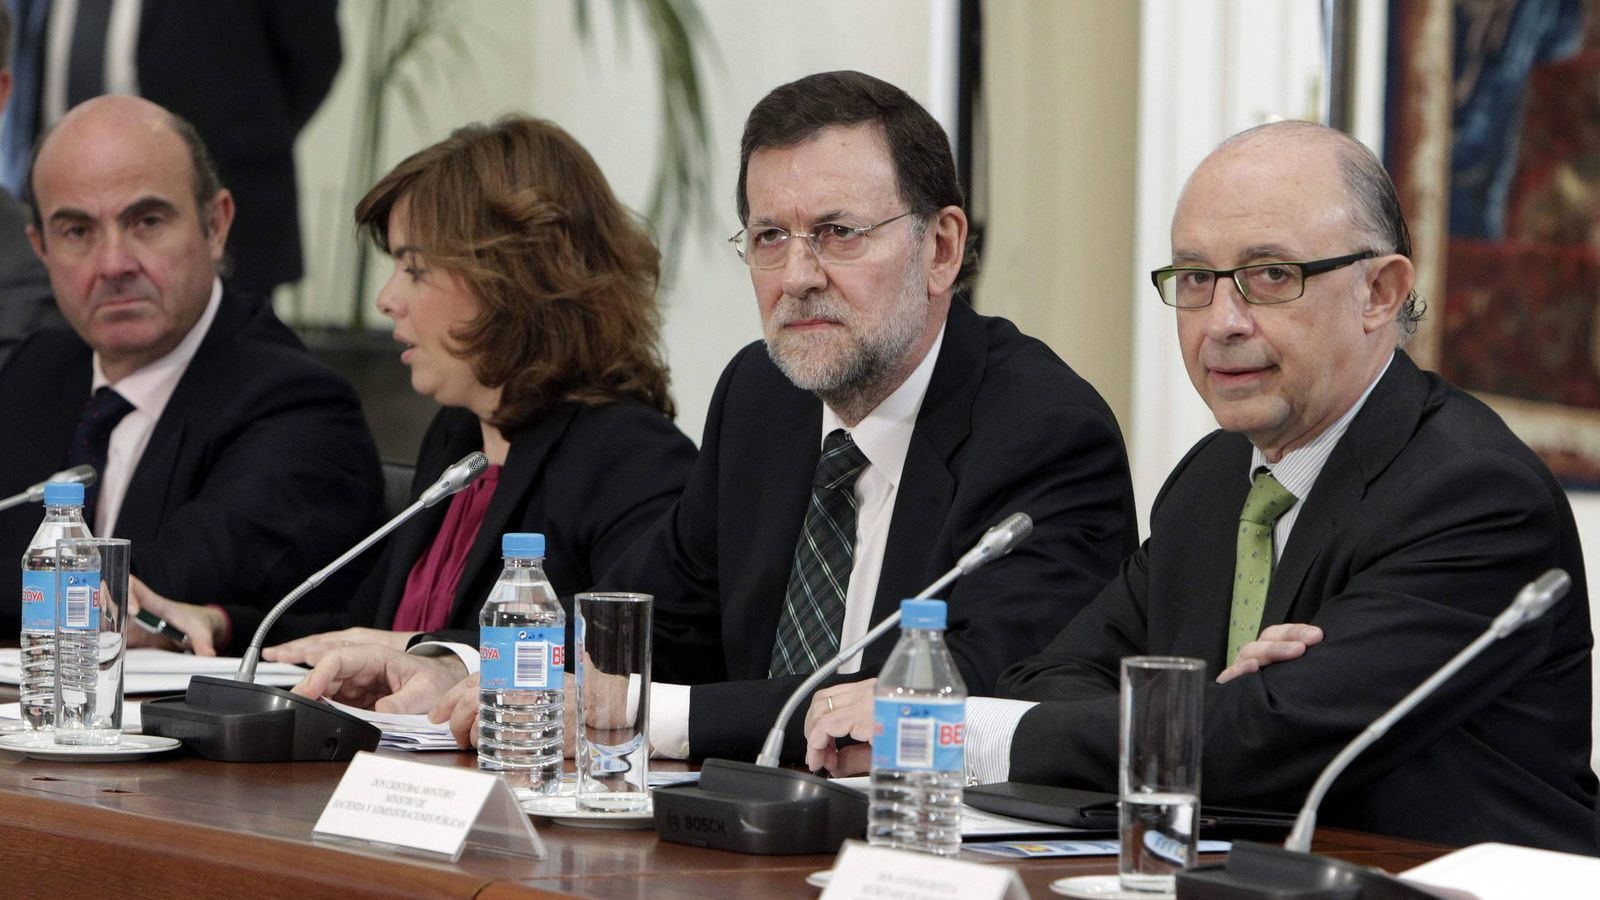 Foto: De Guindos, Sáenz de Santamaría, Rajoy y Montoro. (EFE)